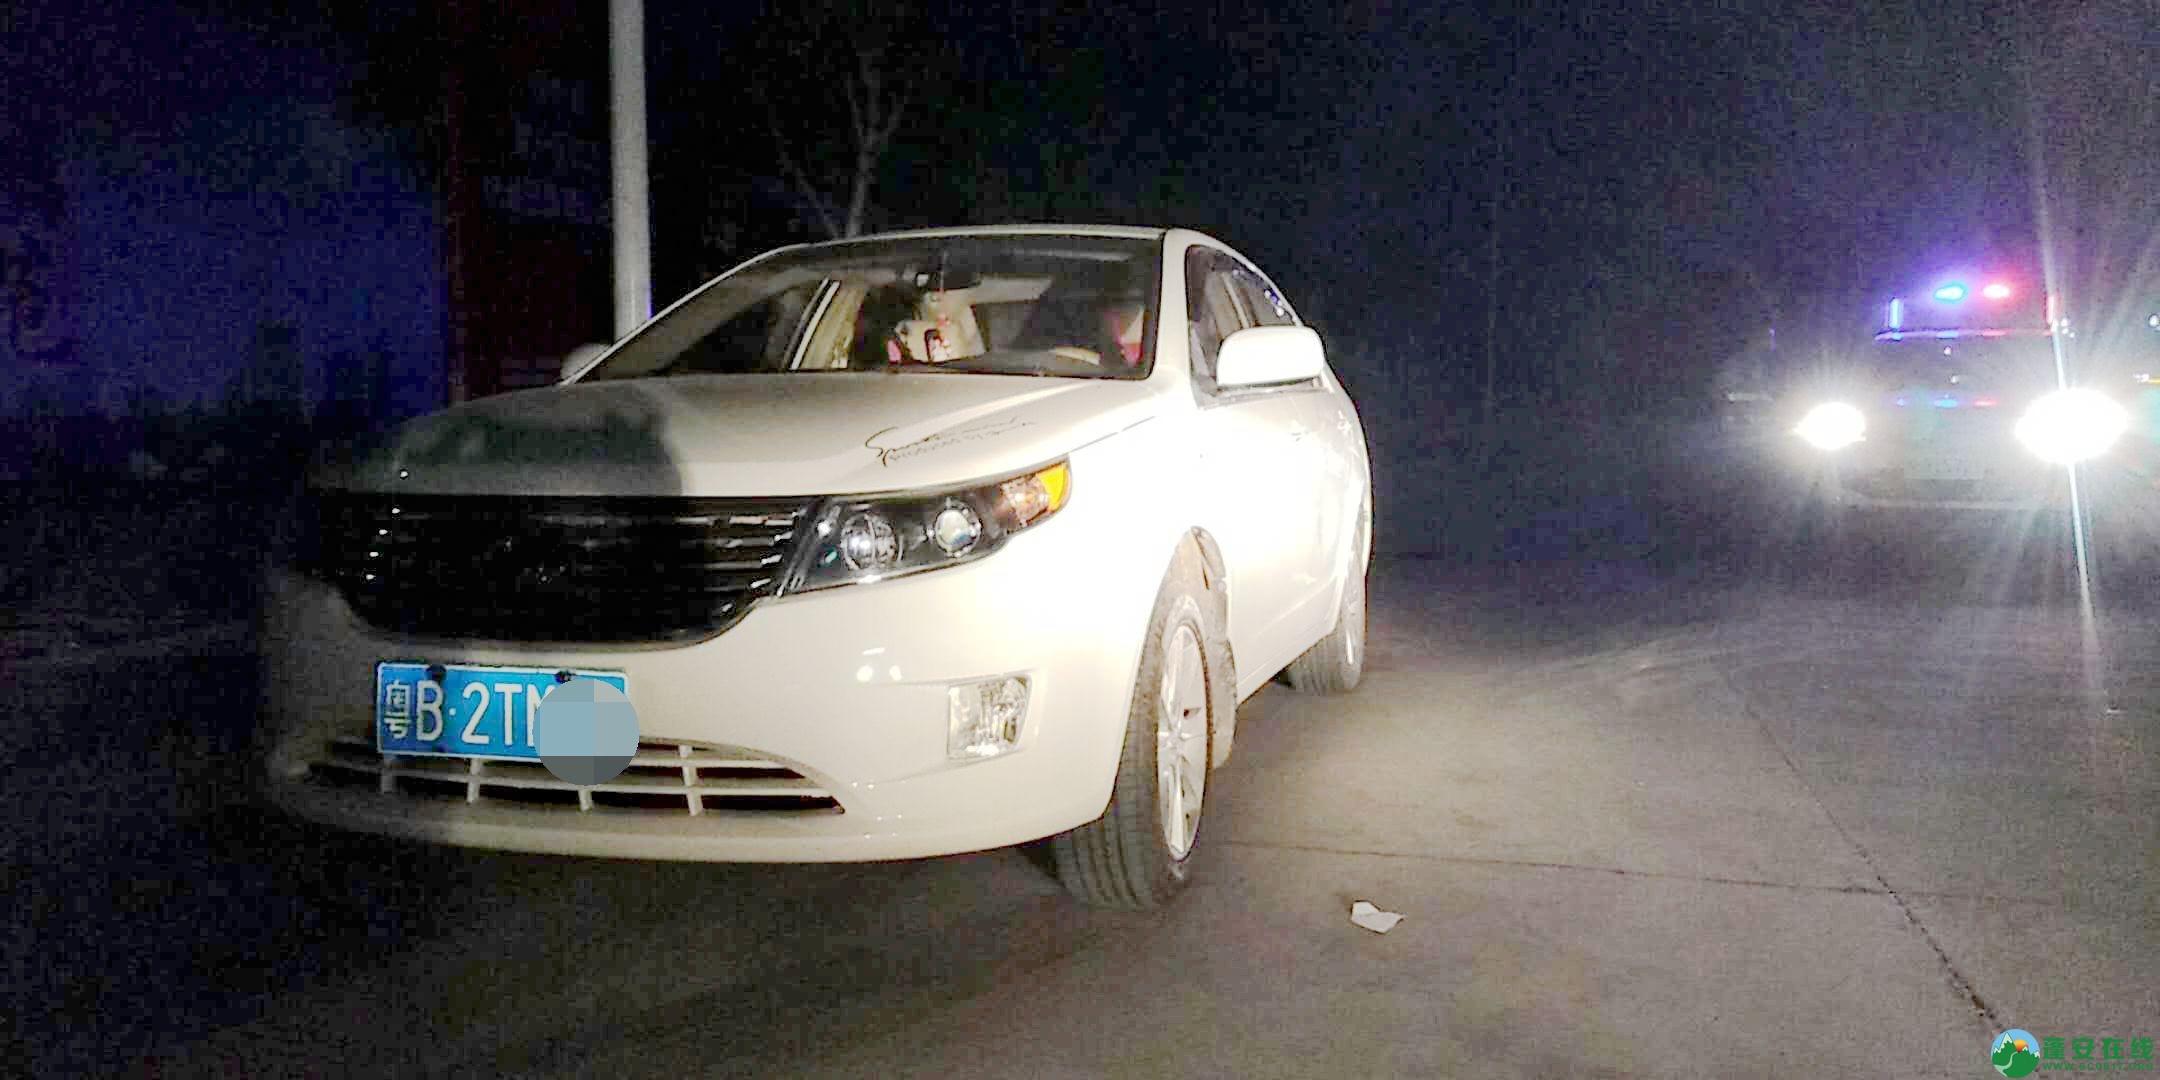 蓬安凤凰大道一交通事故,一女士不幸当场死亡,交警深夜加班加点搜寻逃逸车主 - 第4张  | 蓬安在线